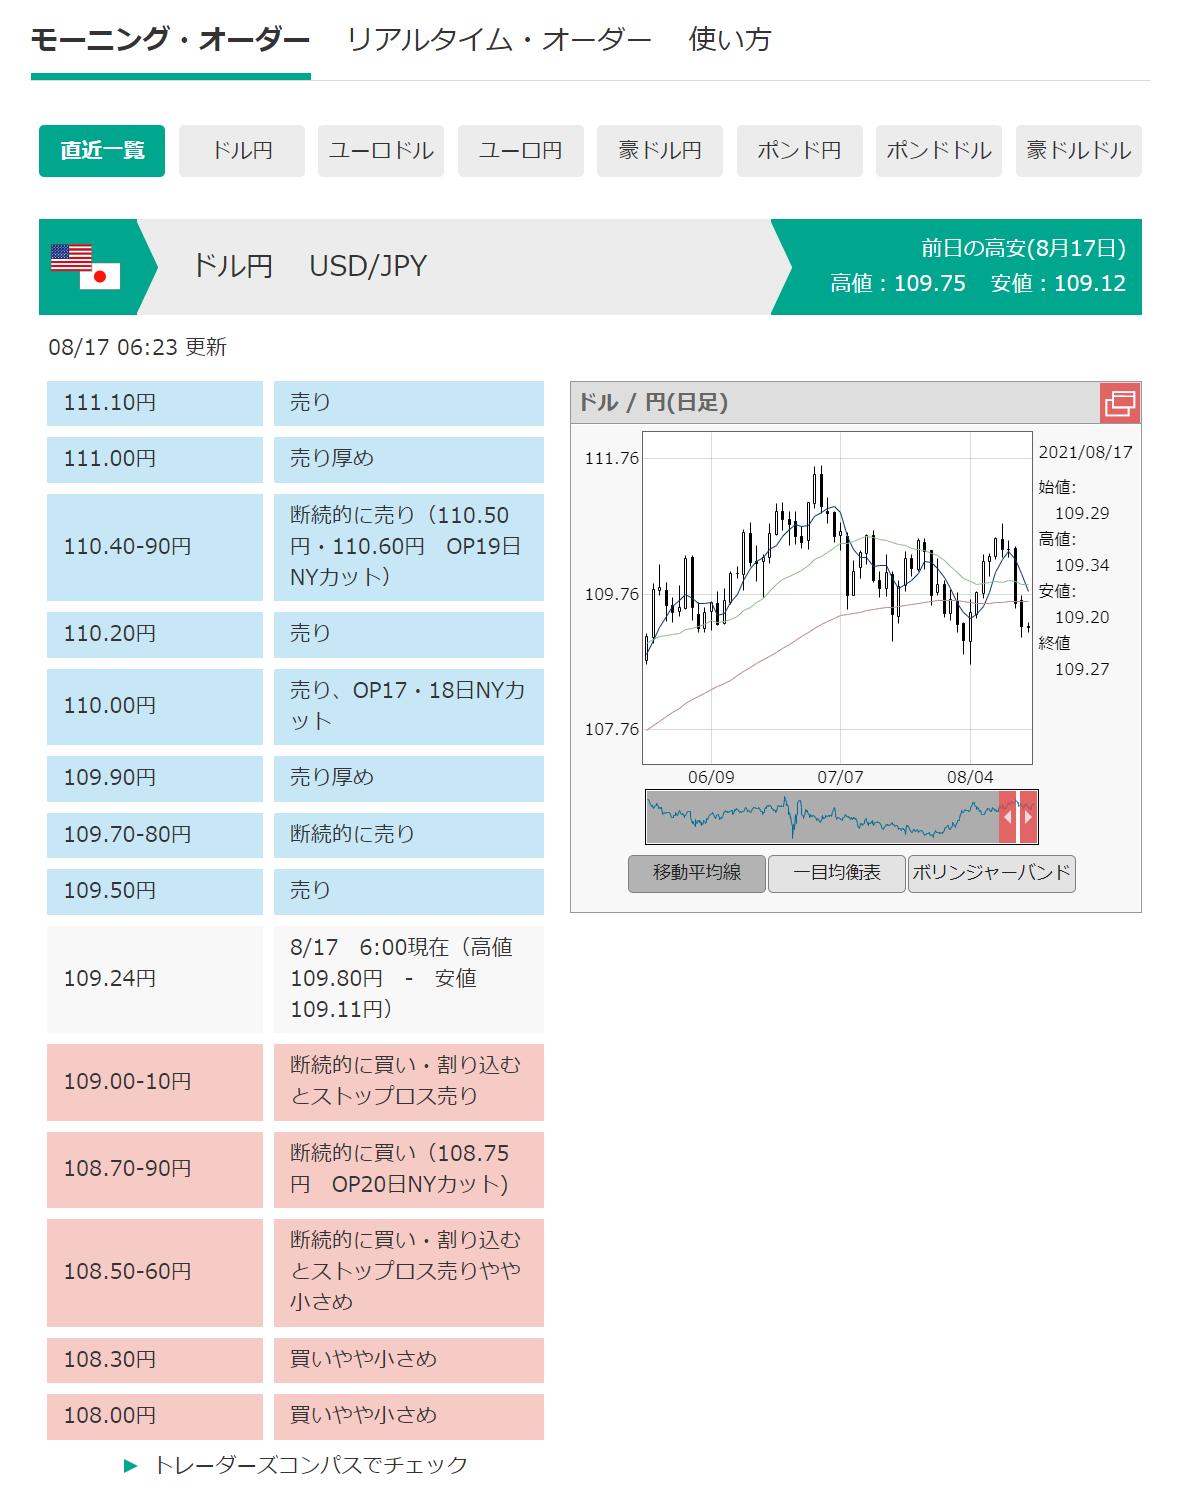 市場オーダー状況例